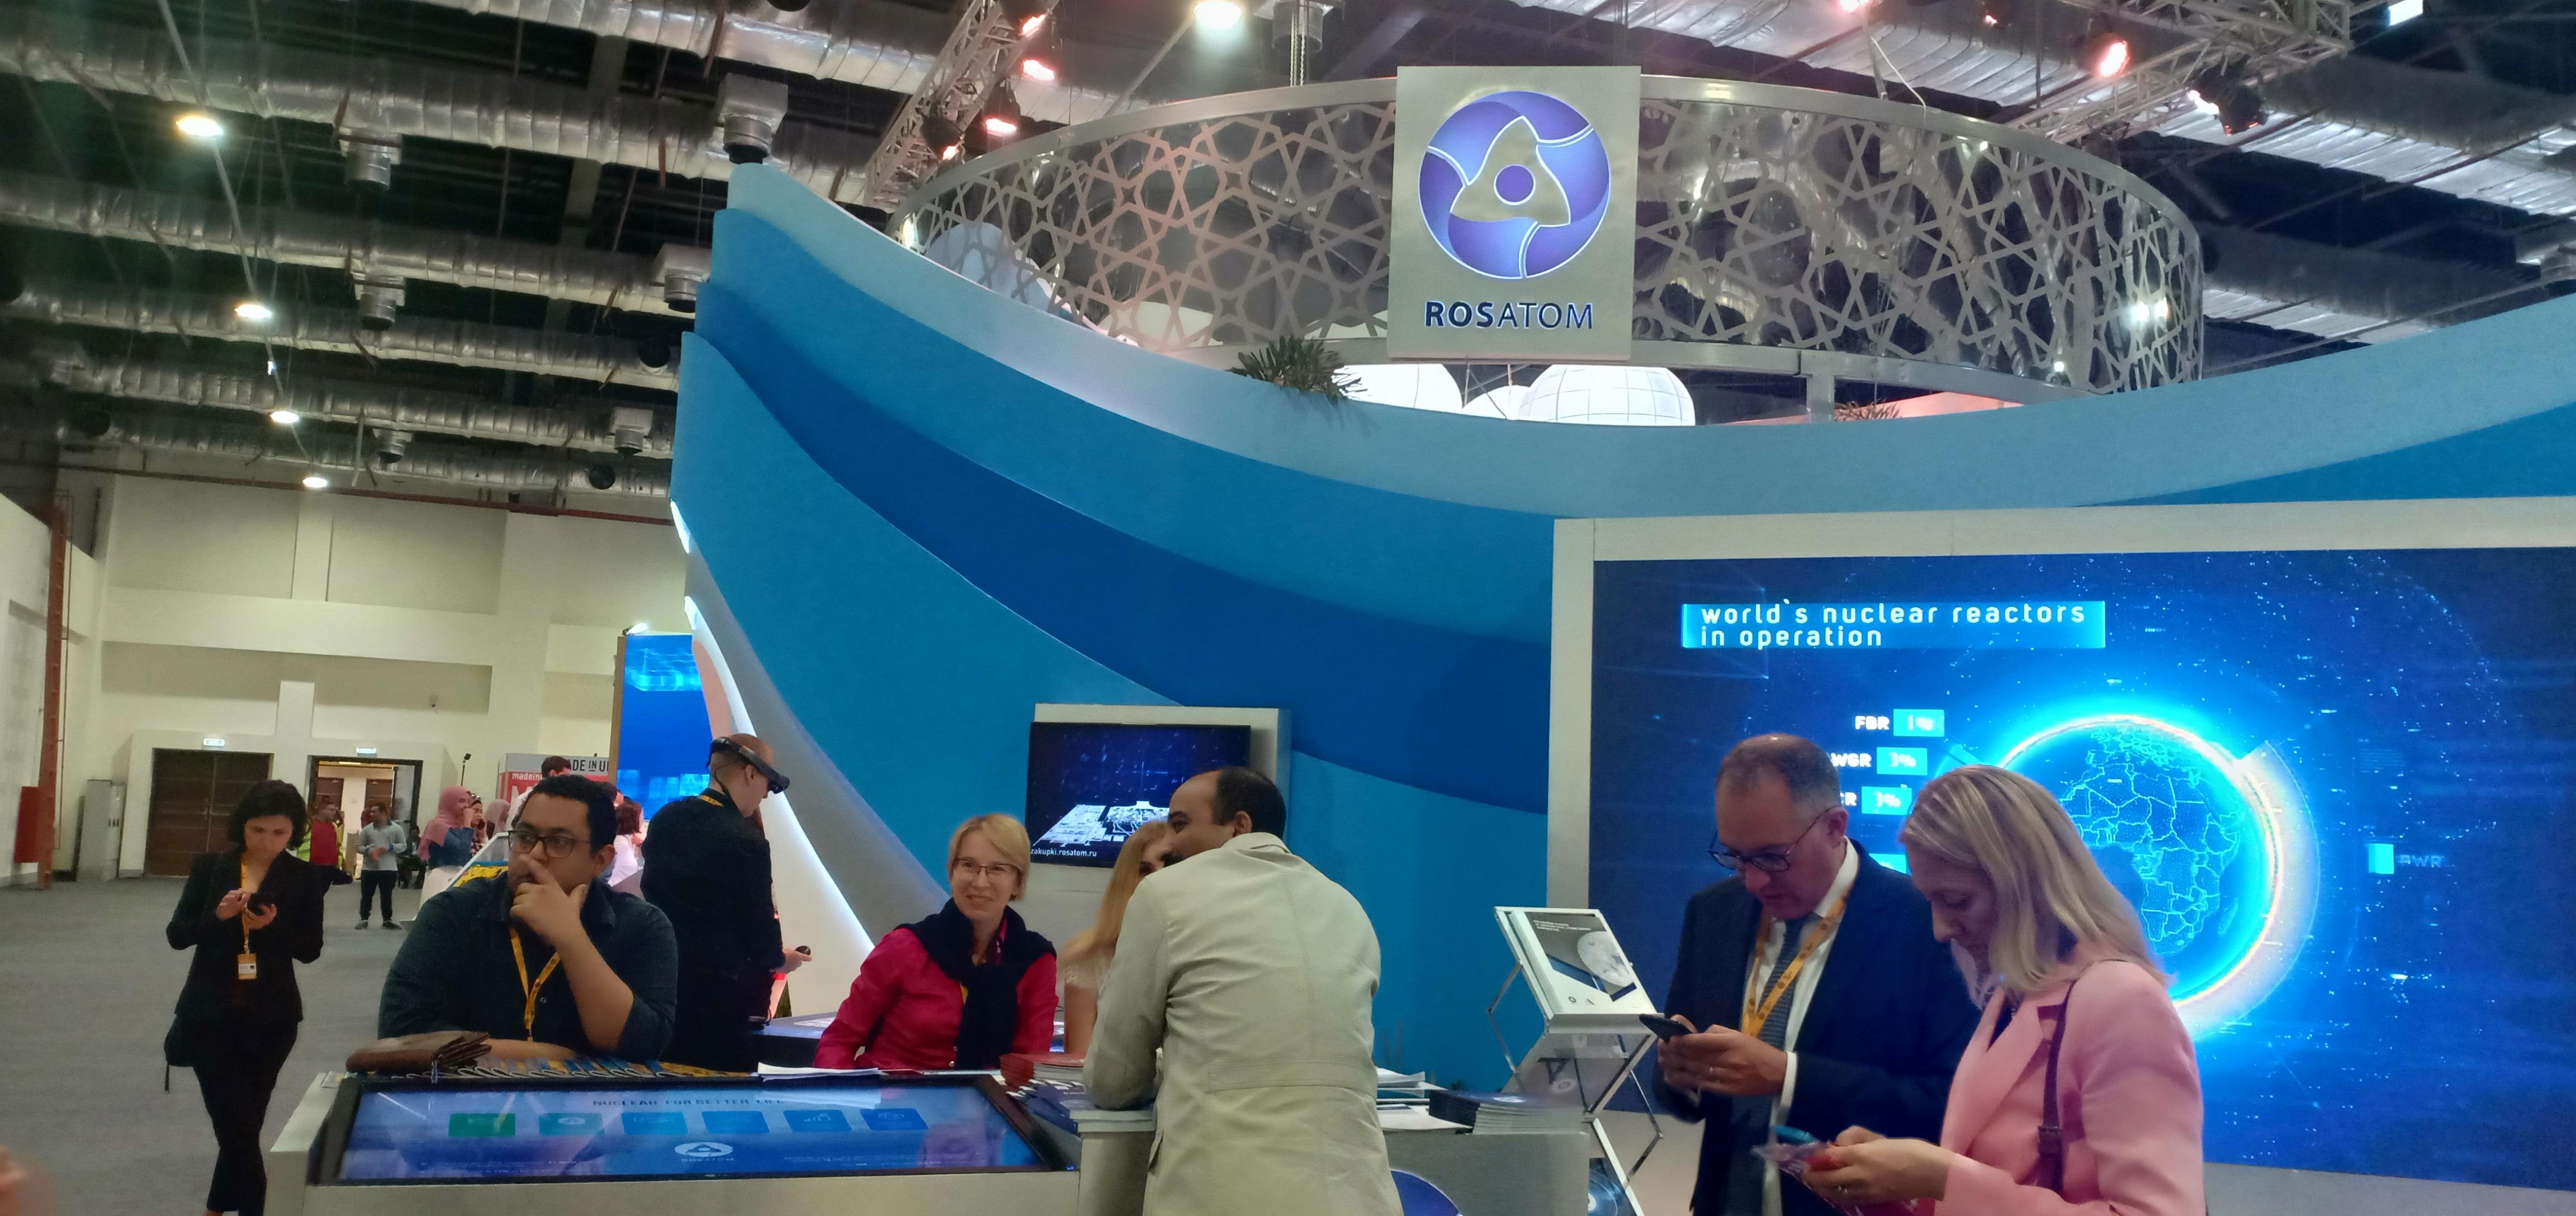 روساتوم تعرض نموذج لمفاعلات الضبعة بتقنية 3d  بمعرض الاسبوع الصناعى (2)